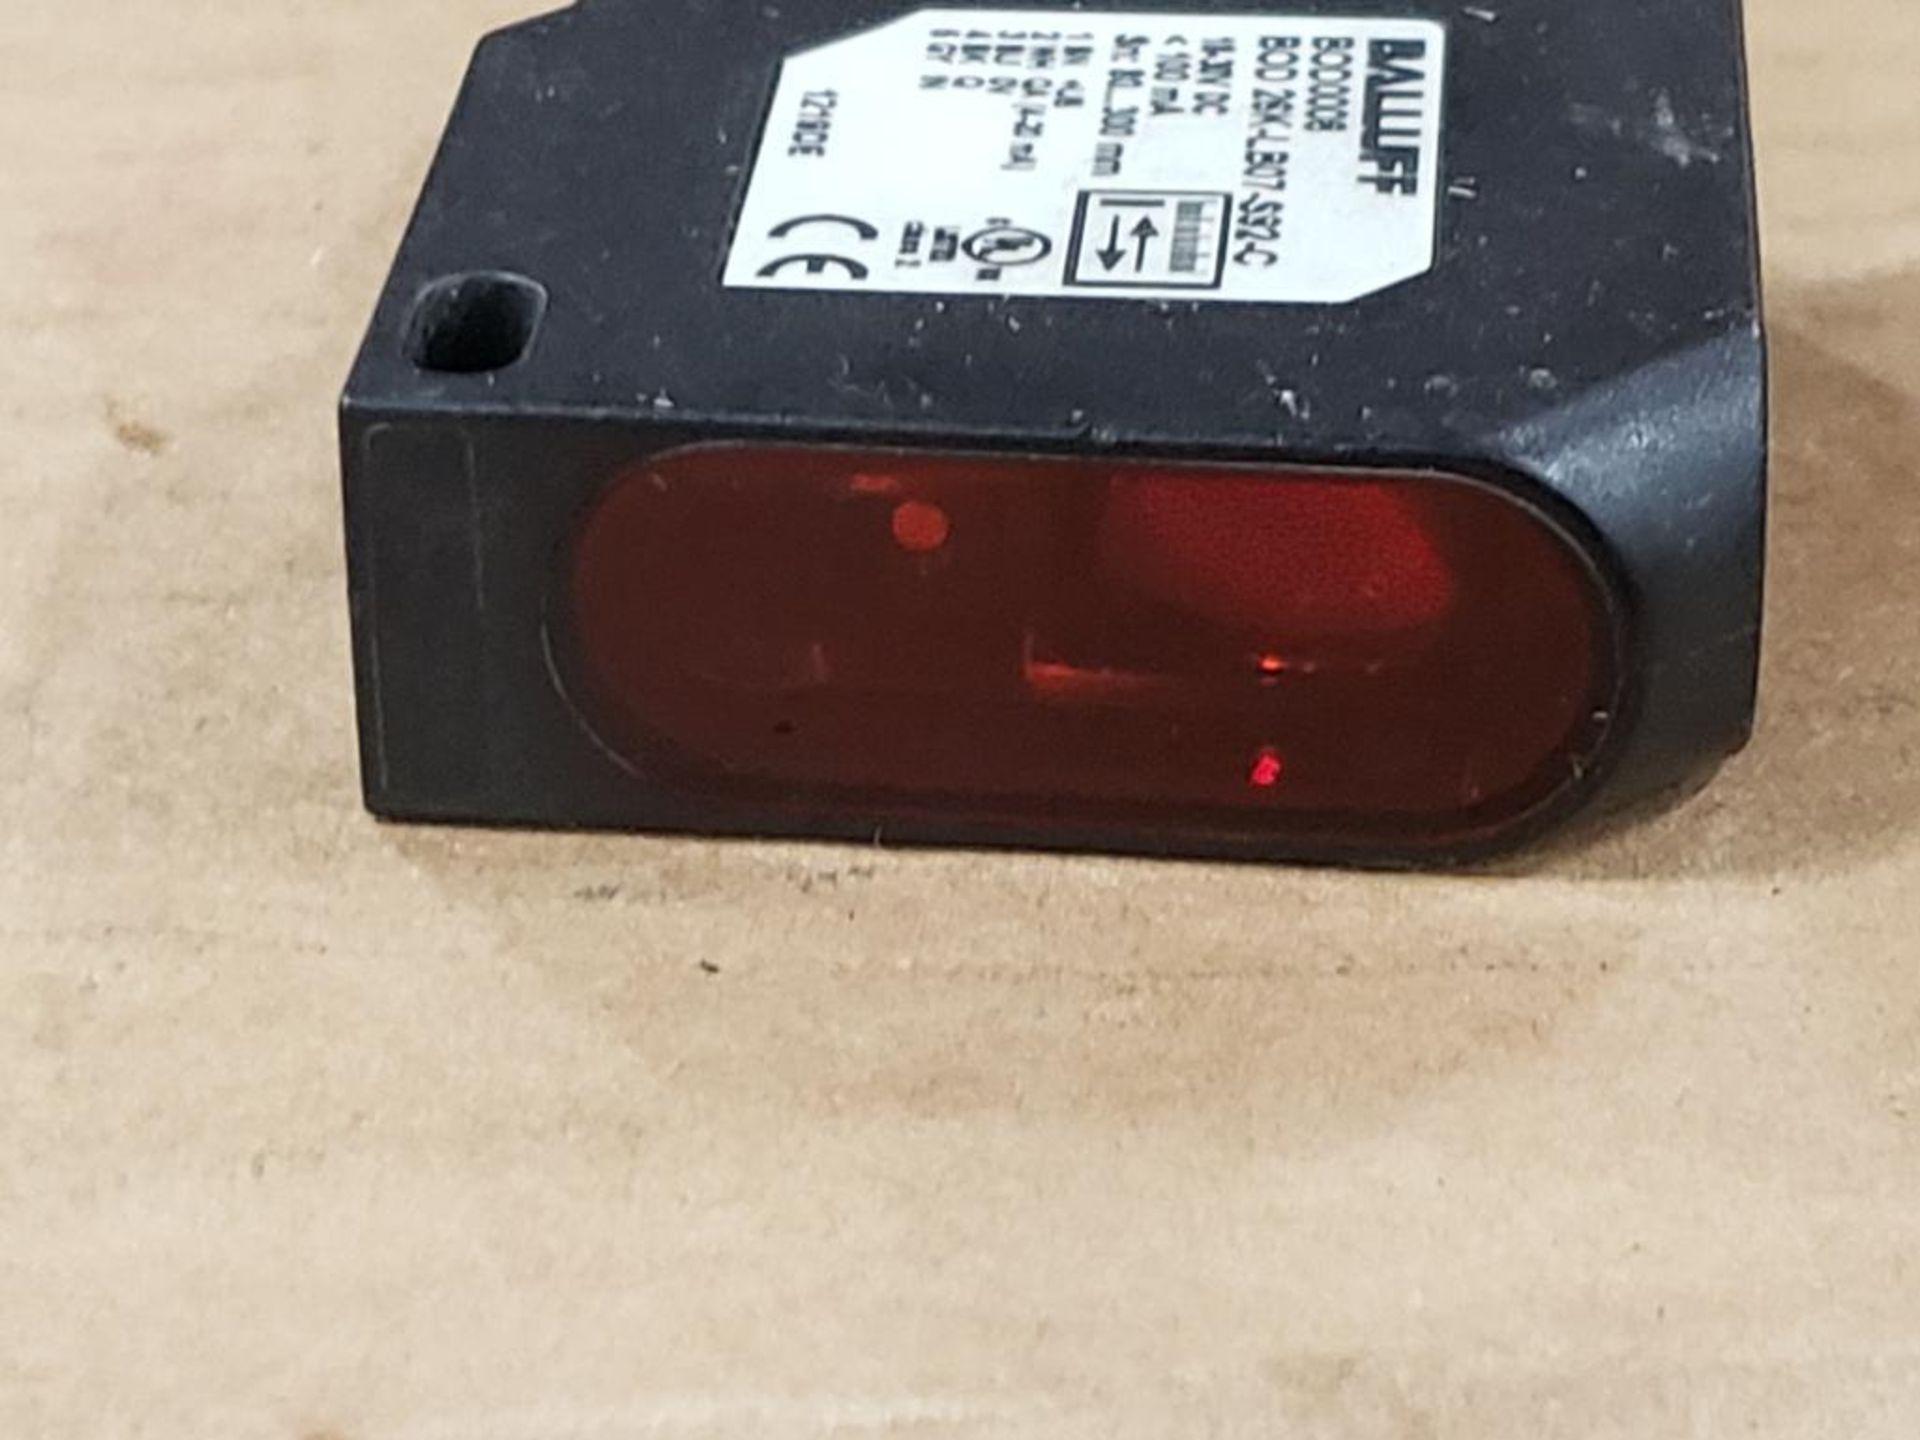 Qty 3 - Balluff BOD0008 BOD 26K-LB07-S92-C Sensor. - Image 7 of 10